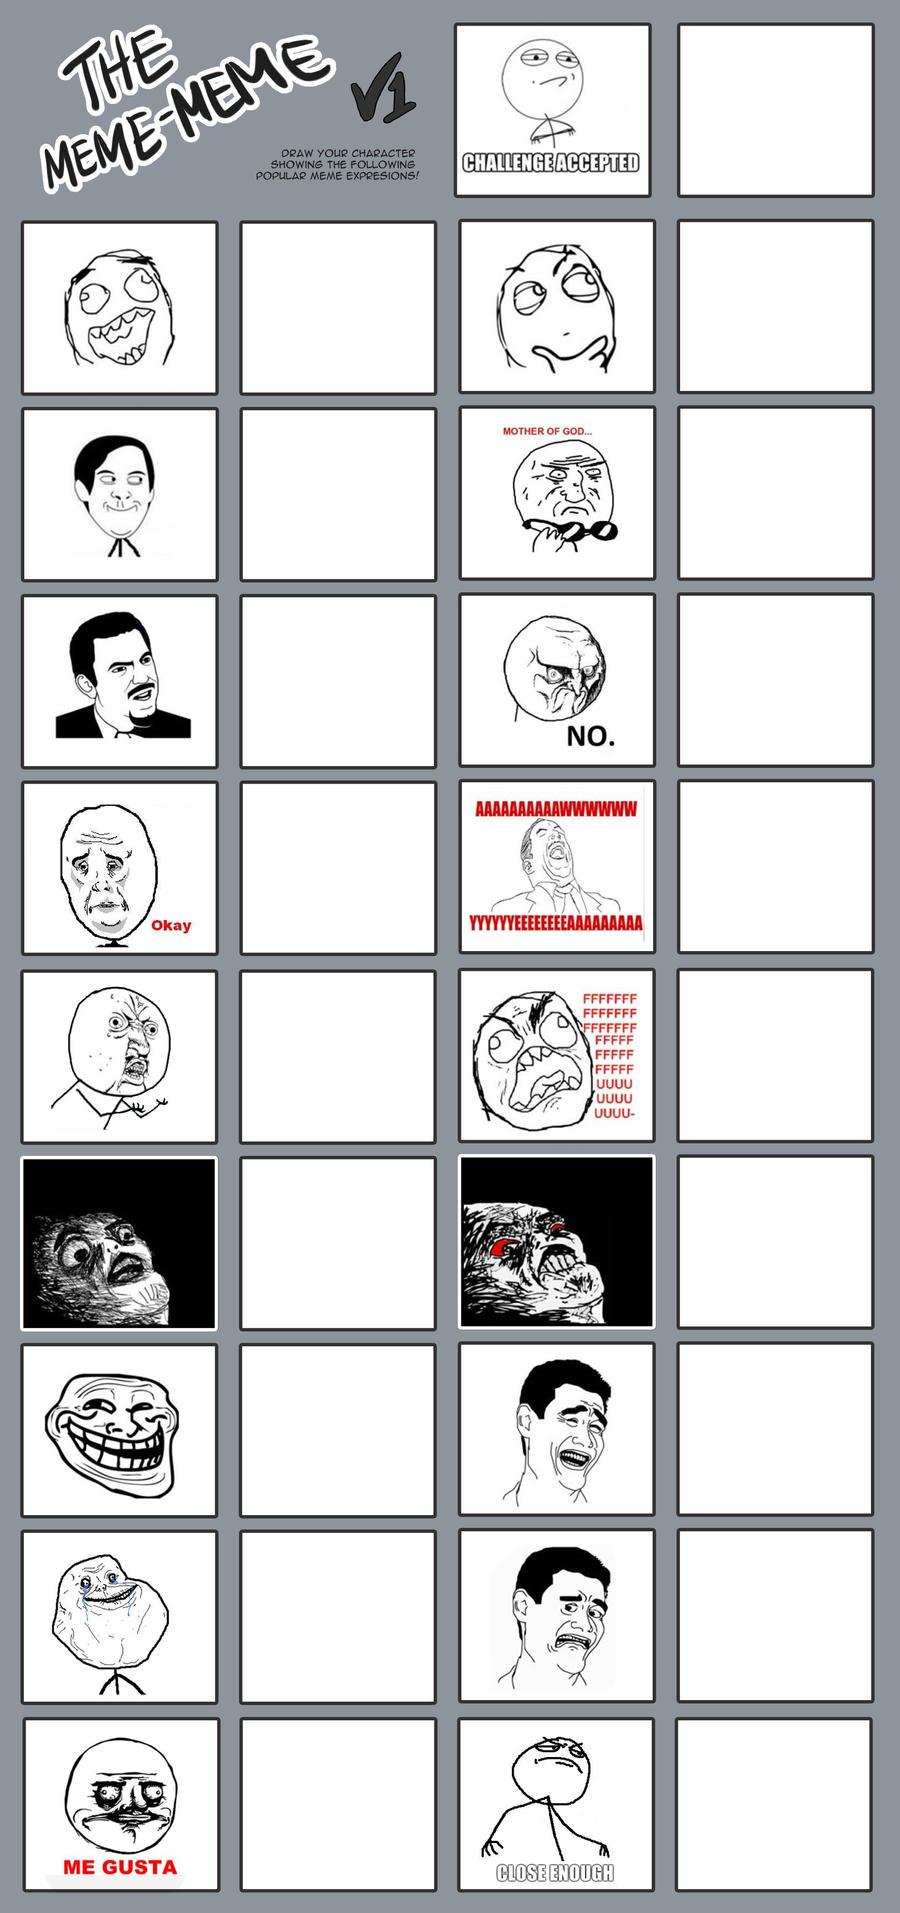 the_meme_meme_by_chireiya d4ob4te the meme meme v1 by deyvarah on deviantart